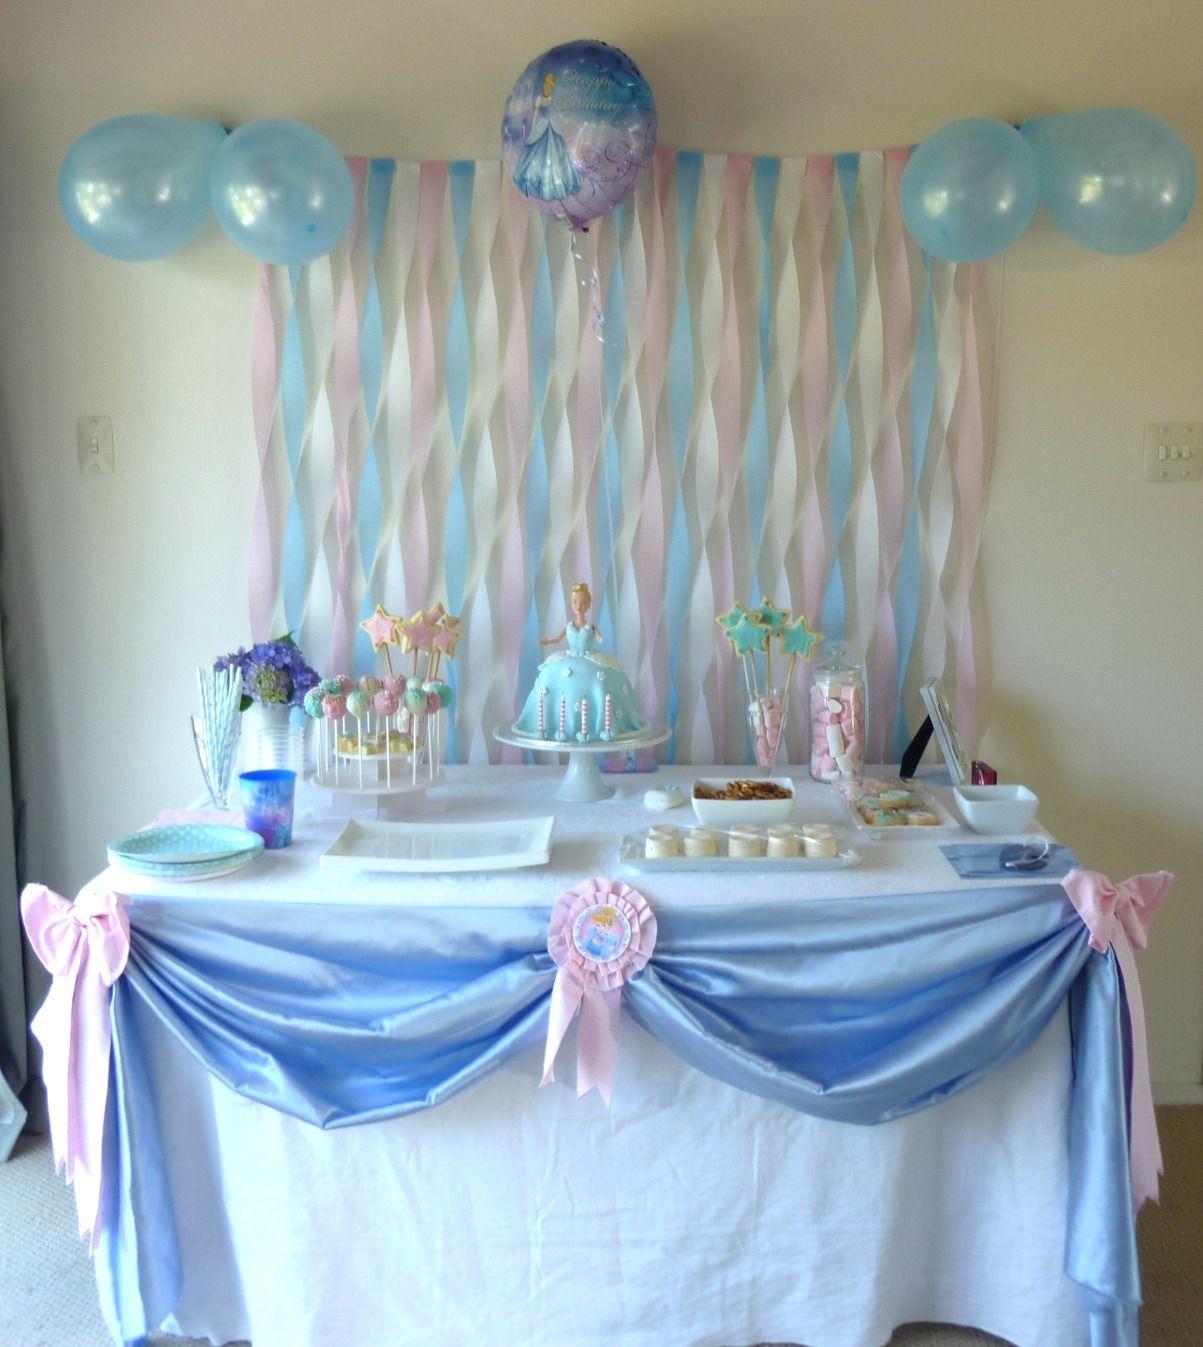 Cinderella Birthday Party Princess Party Cinderella Cake Doll C Cinderella Birthday Party Decorations Cinderella Birthday Party Cinderella Party Decorations